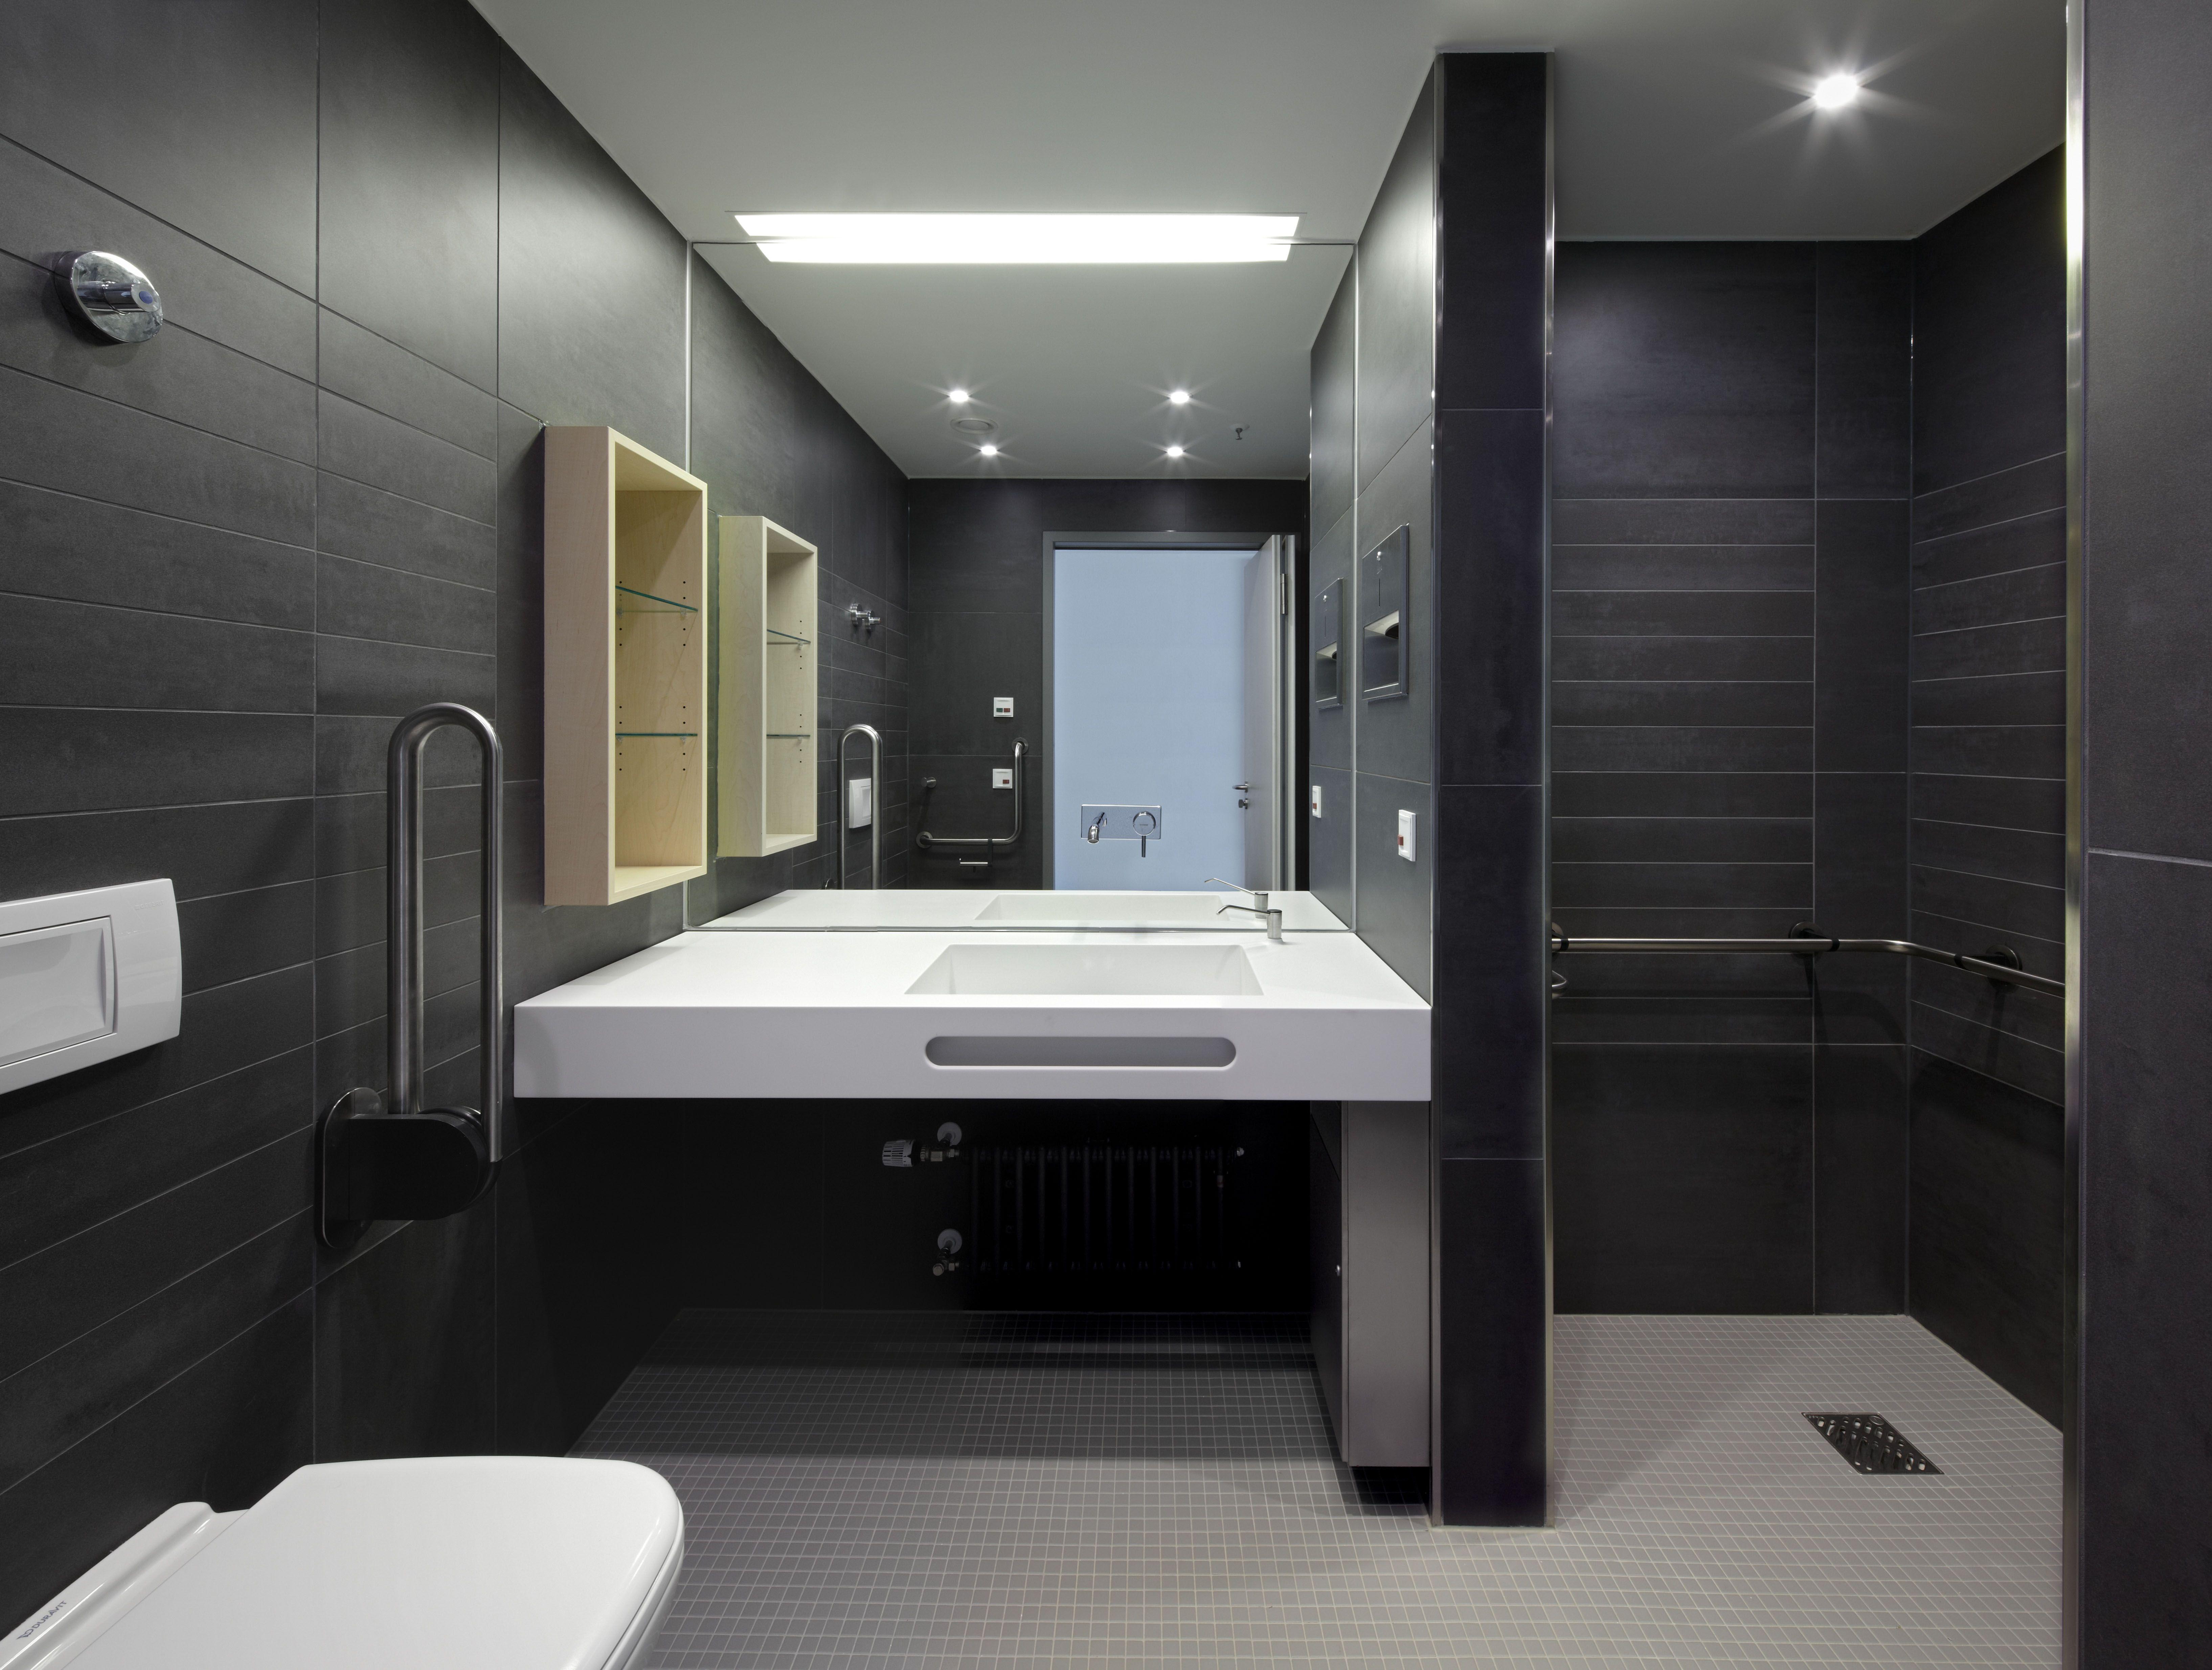 Badezimmer der Komfortstation im Schwarzwald-Baar Klinikum in ...